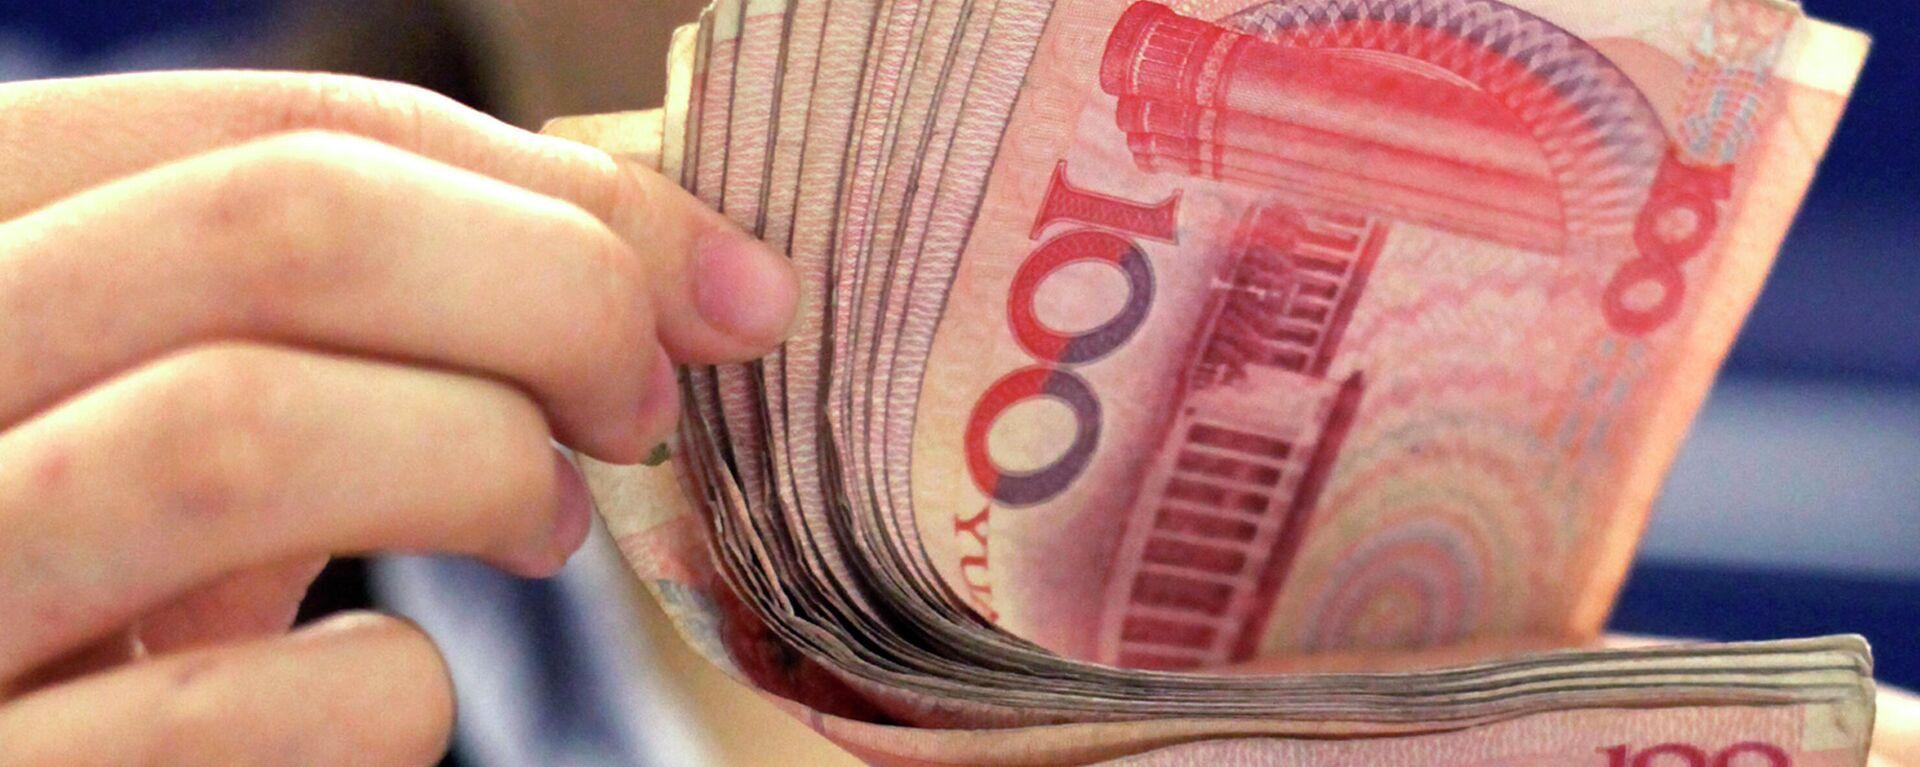 Yuan-Banknoten (Symbolbild) - SNA, 1920, 20.07.2021